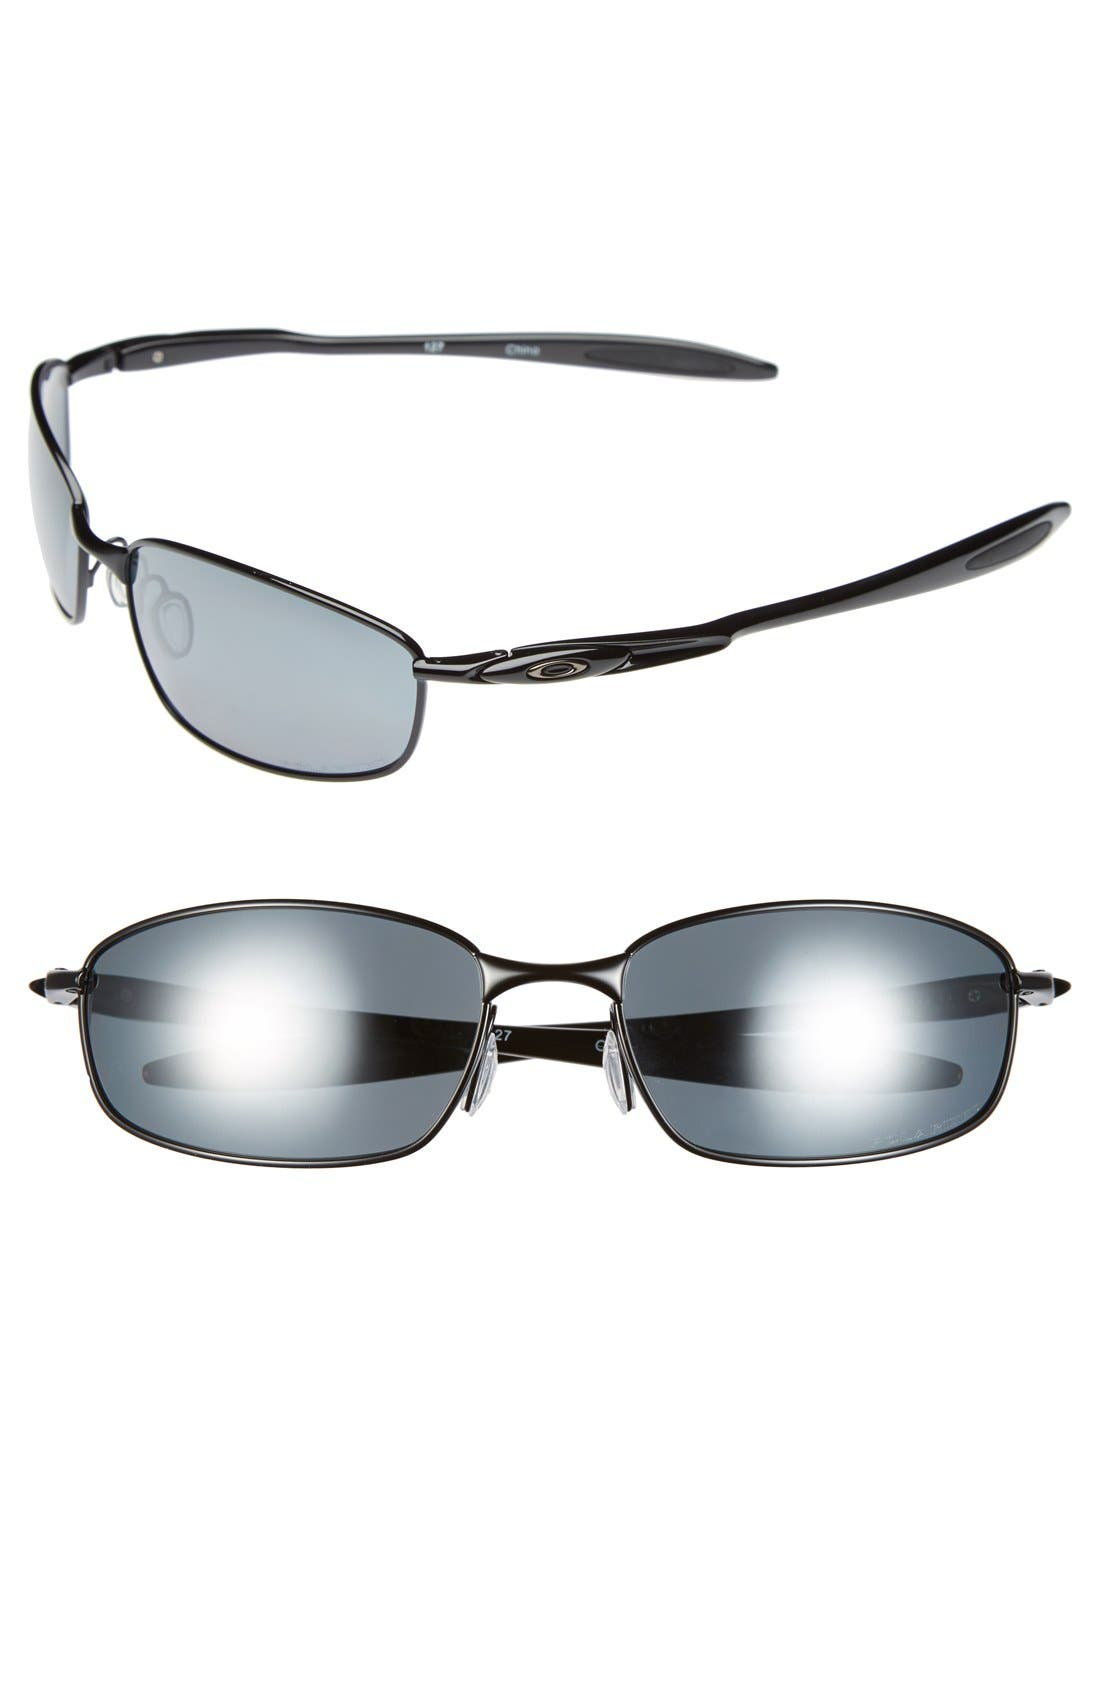 Alternate Image 1 Selected - Oakley 'Blender' 59mm Polarized Sunglasses